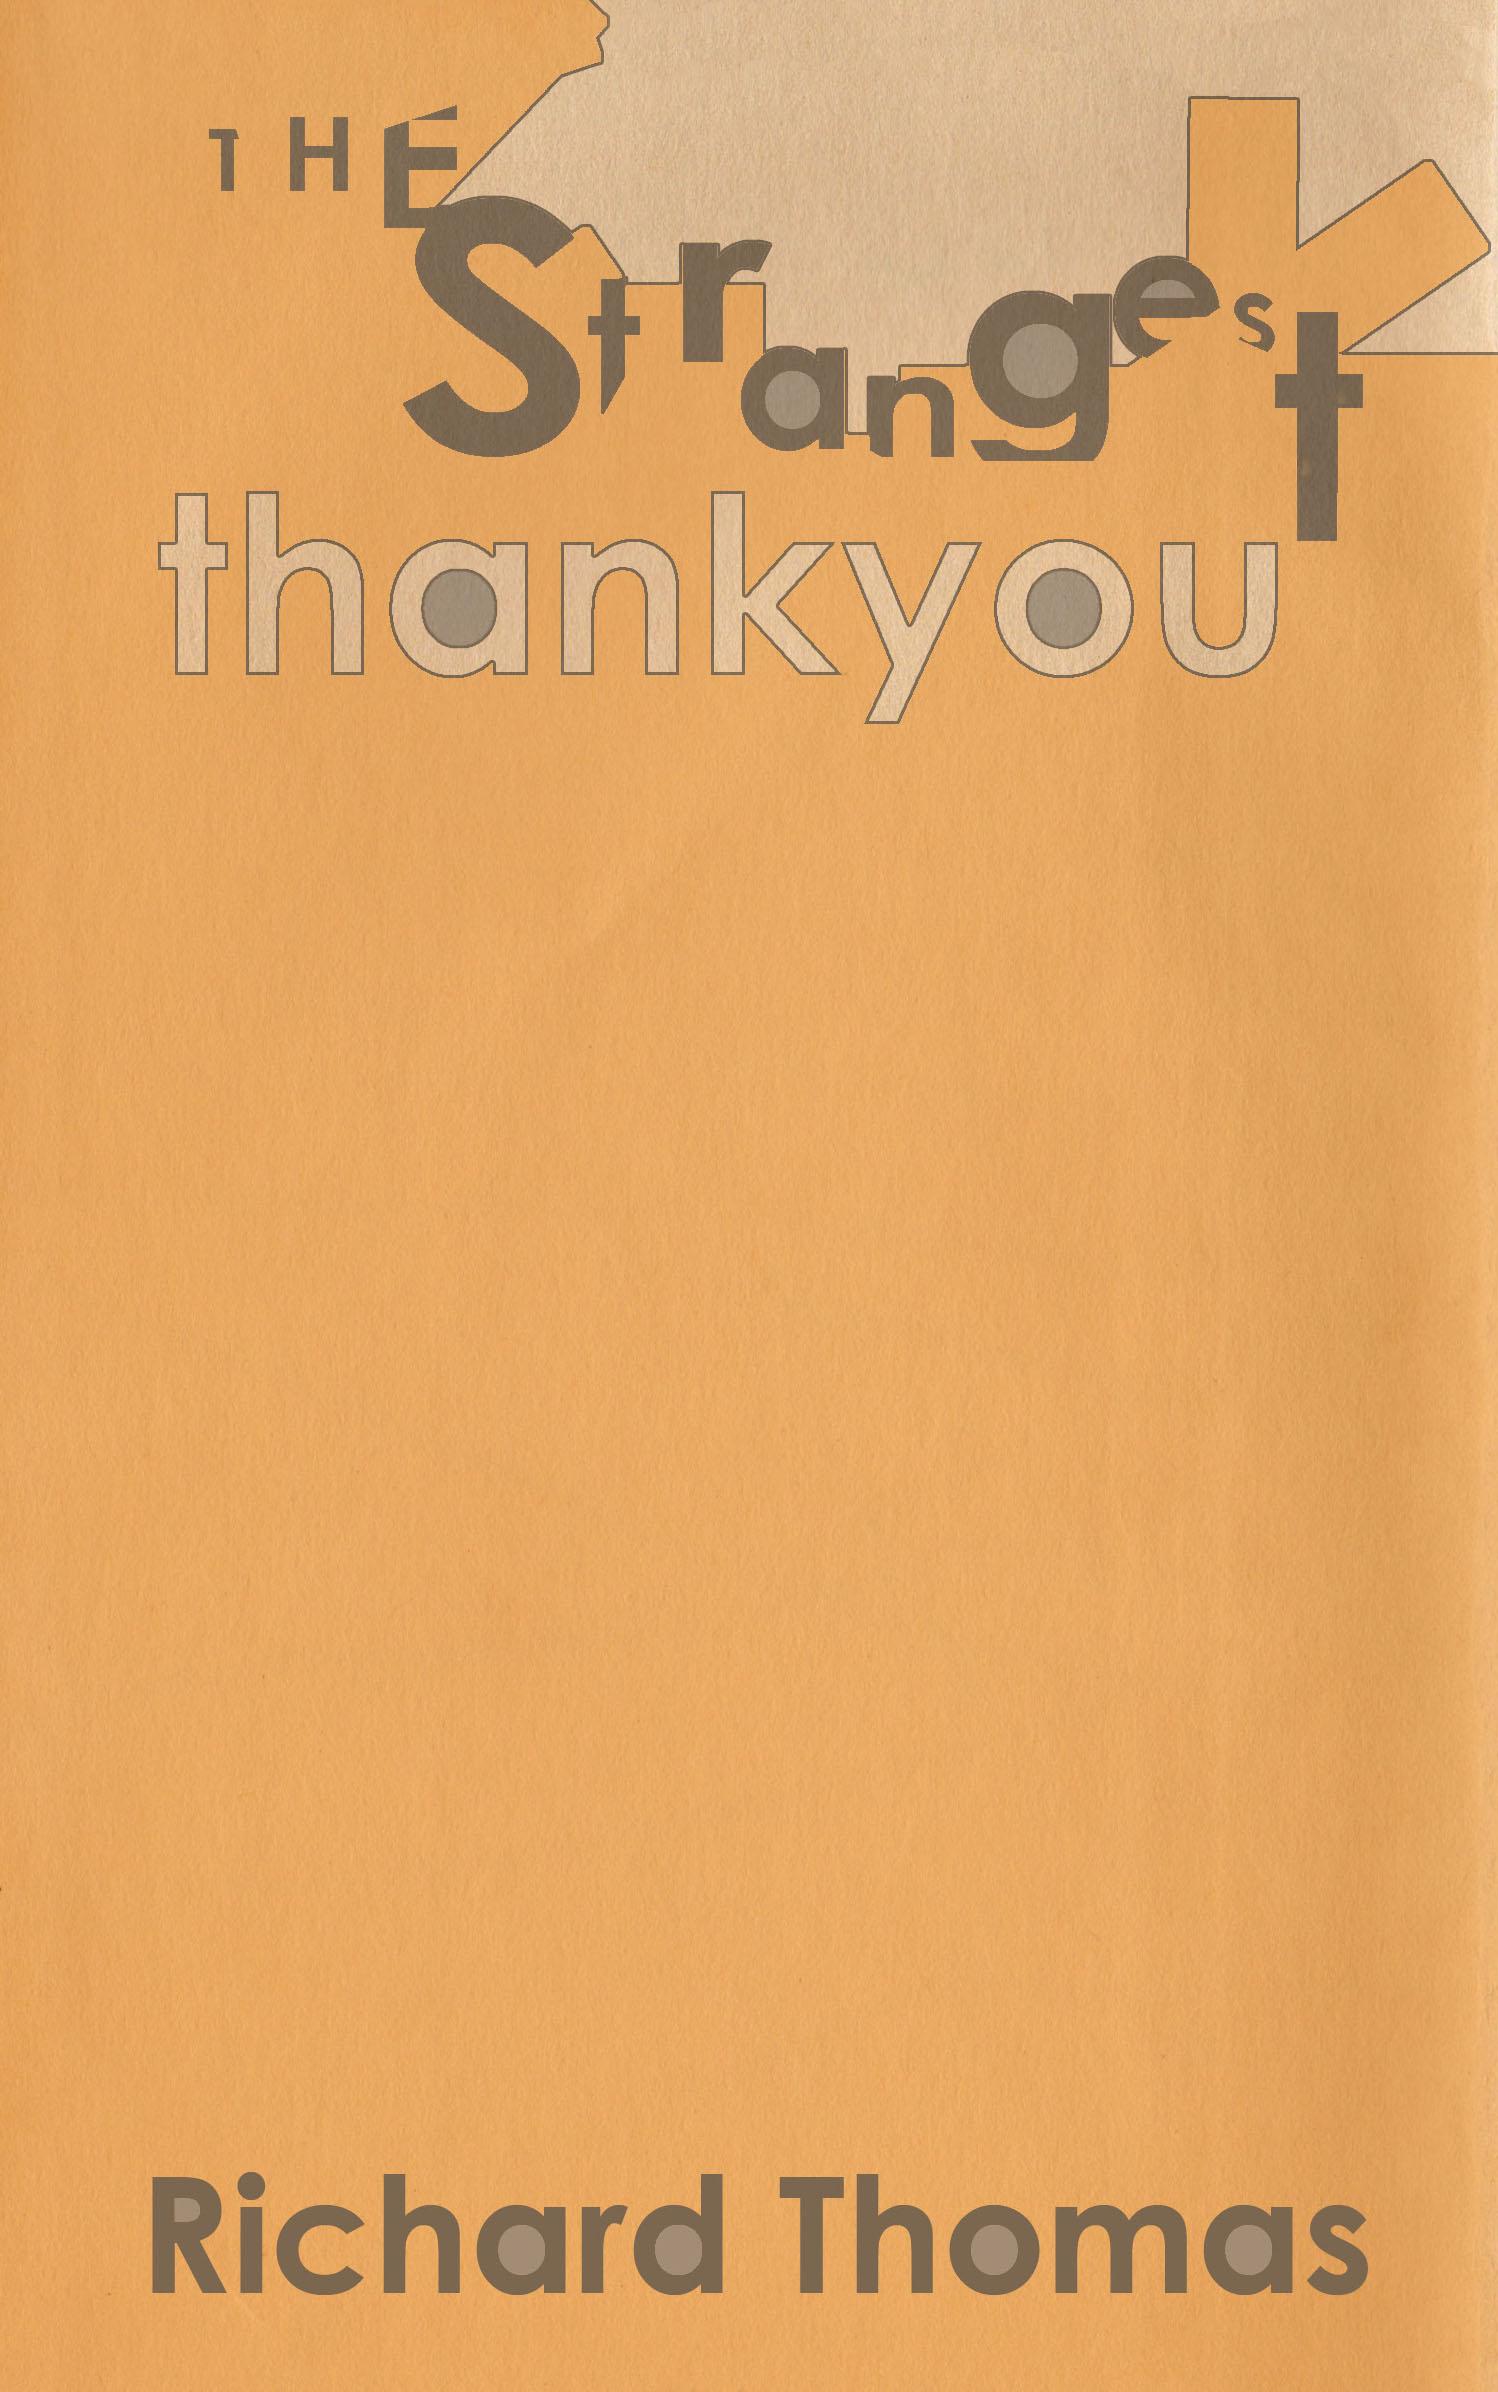 The Strangest Thankyou by Richard Thomas